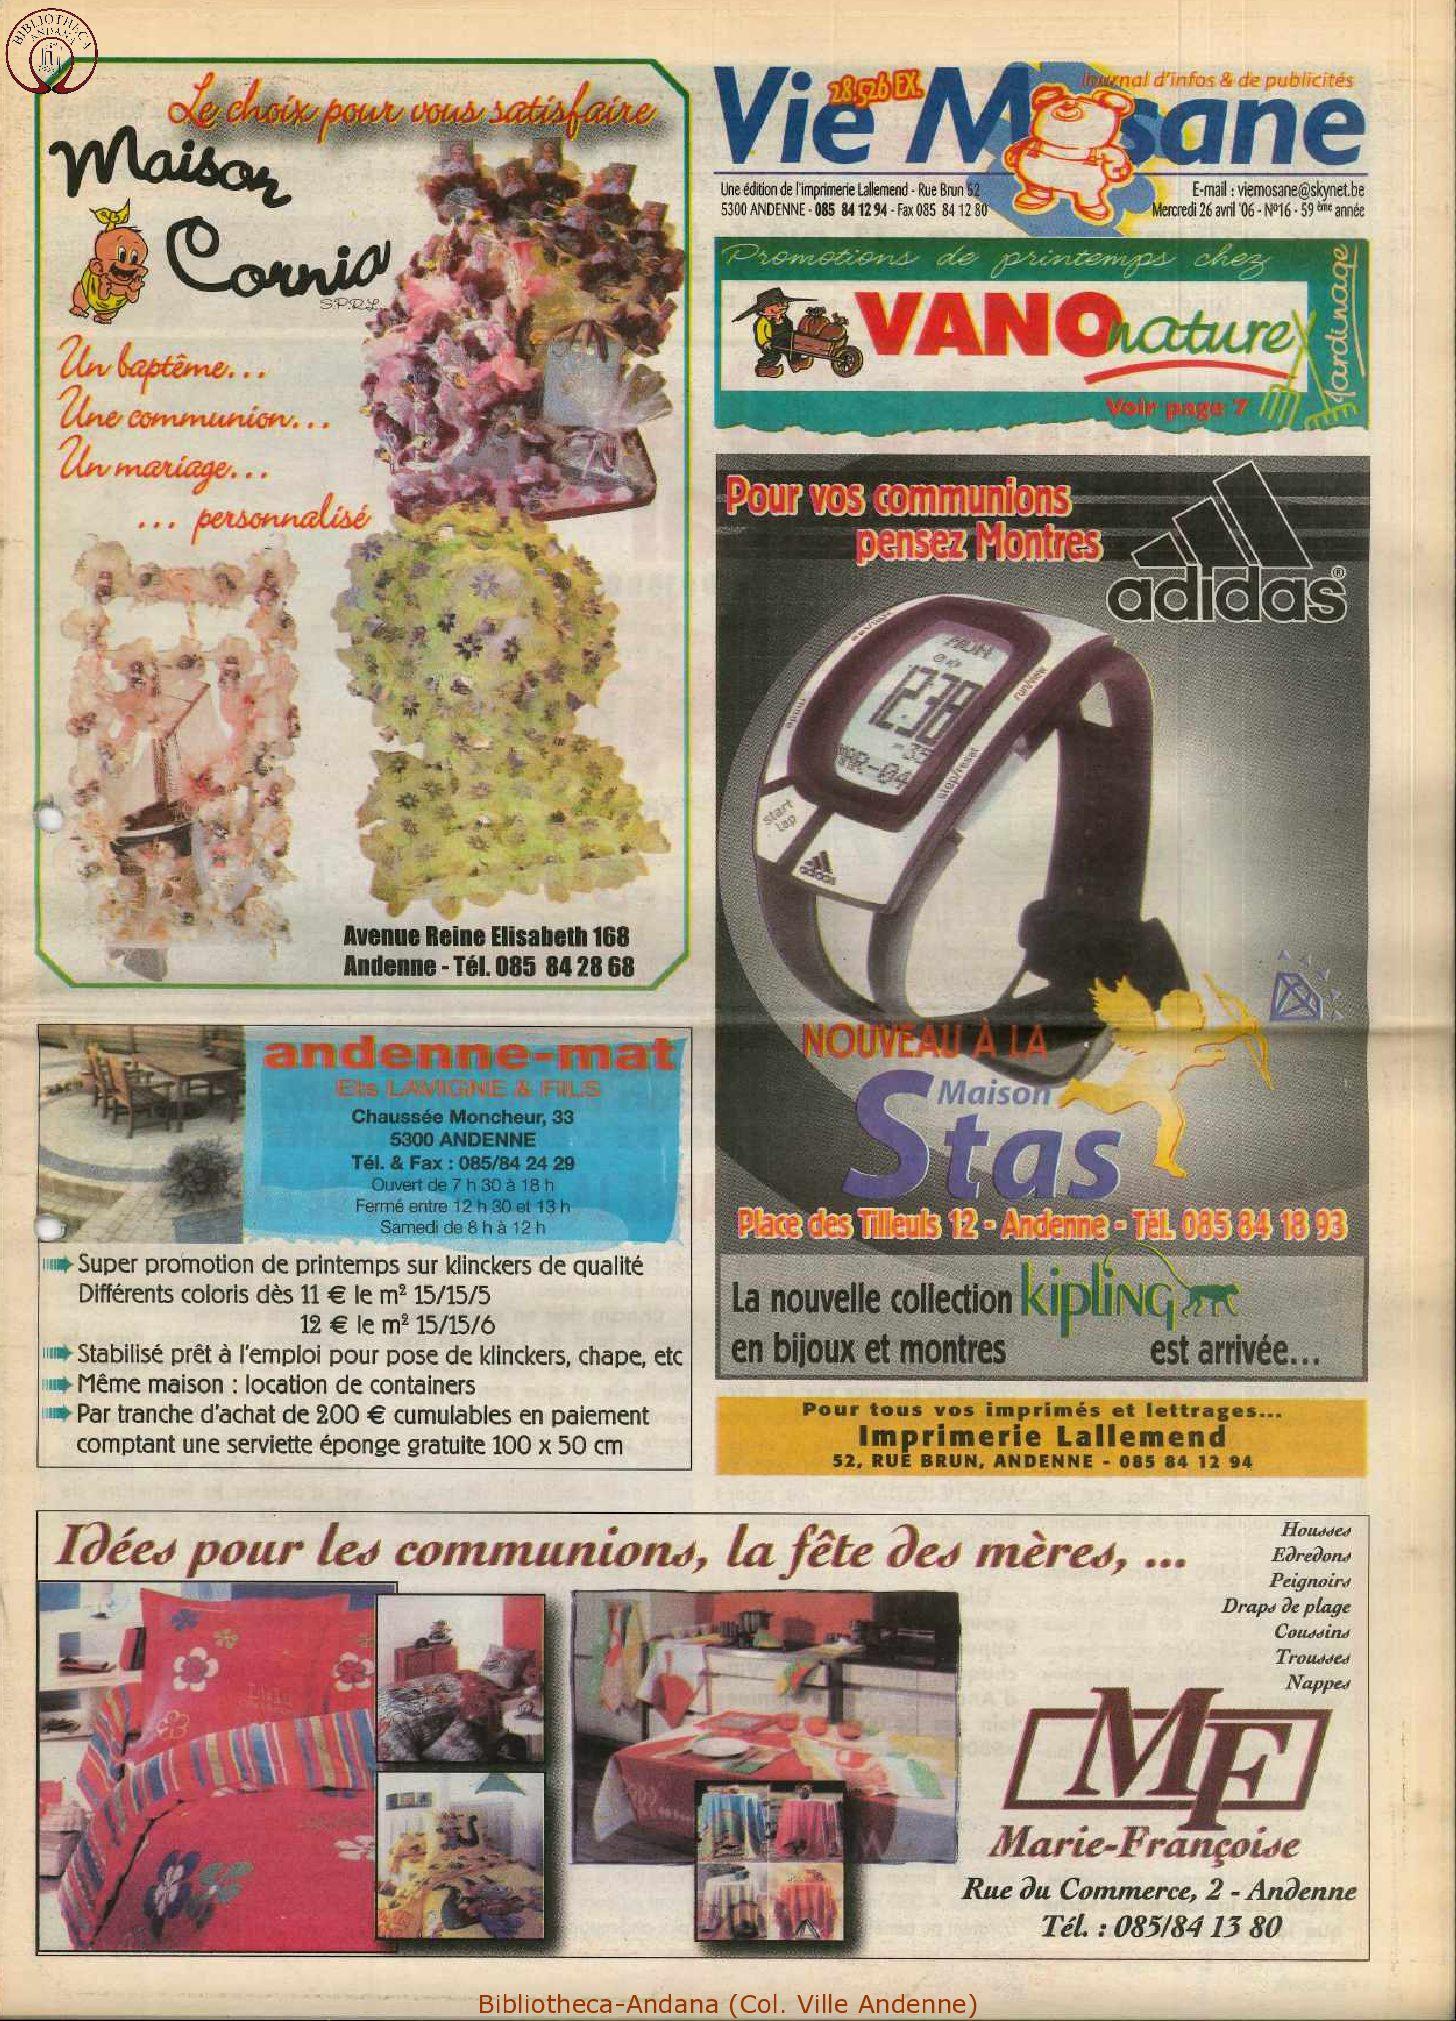 59e année - n°16 - 26 avril 2006